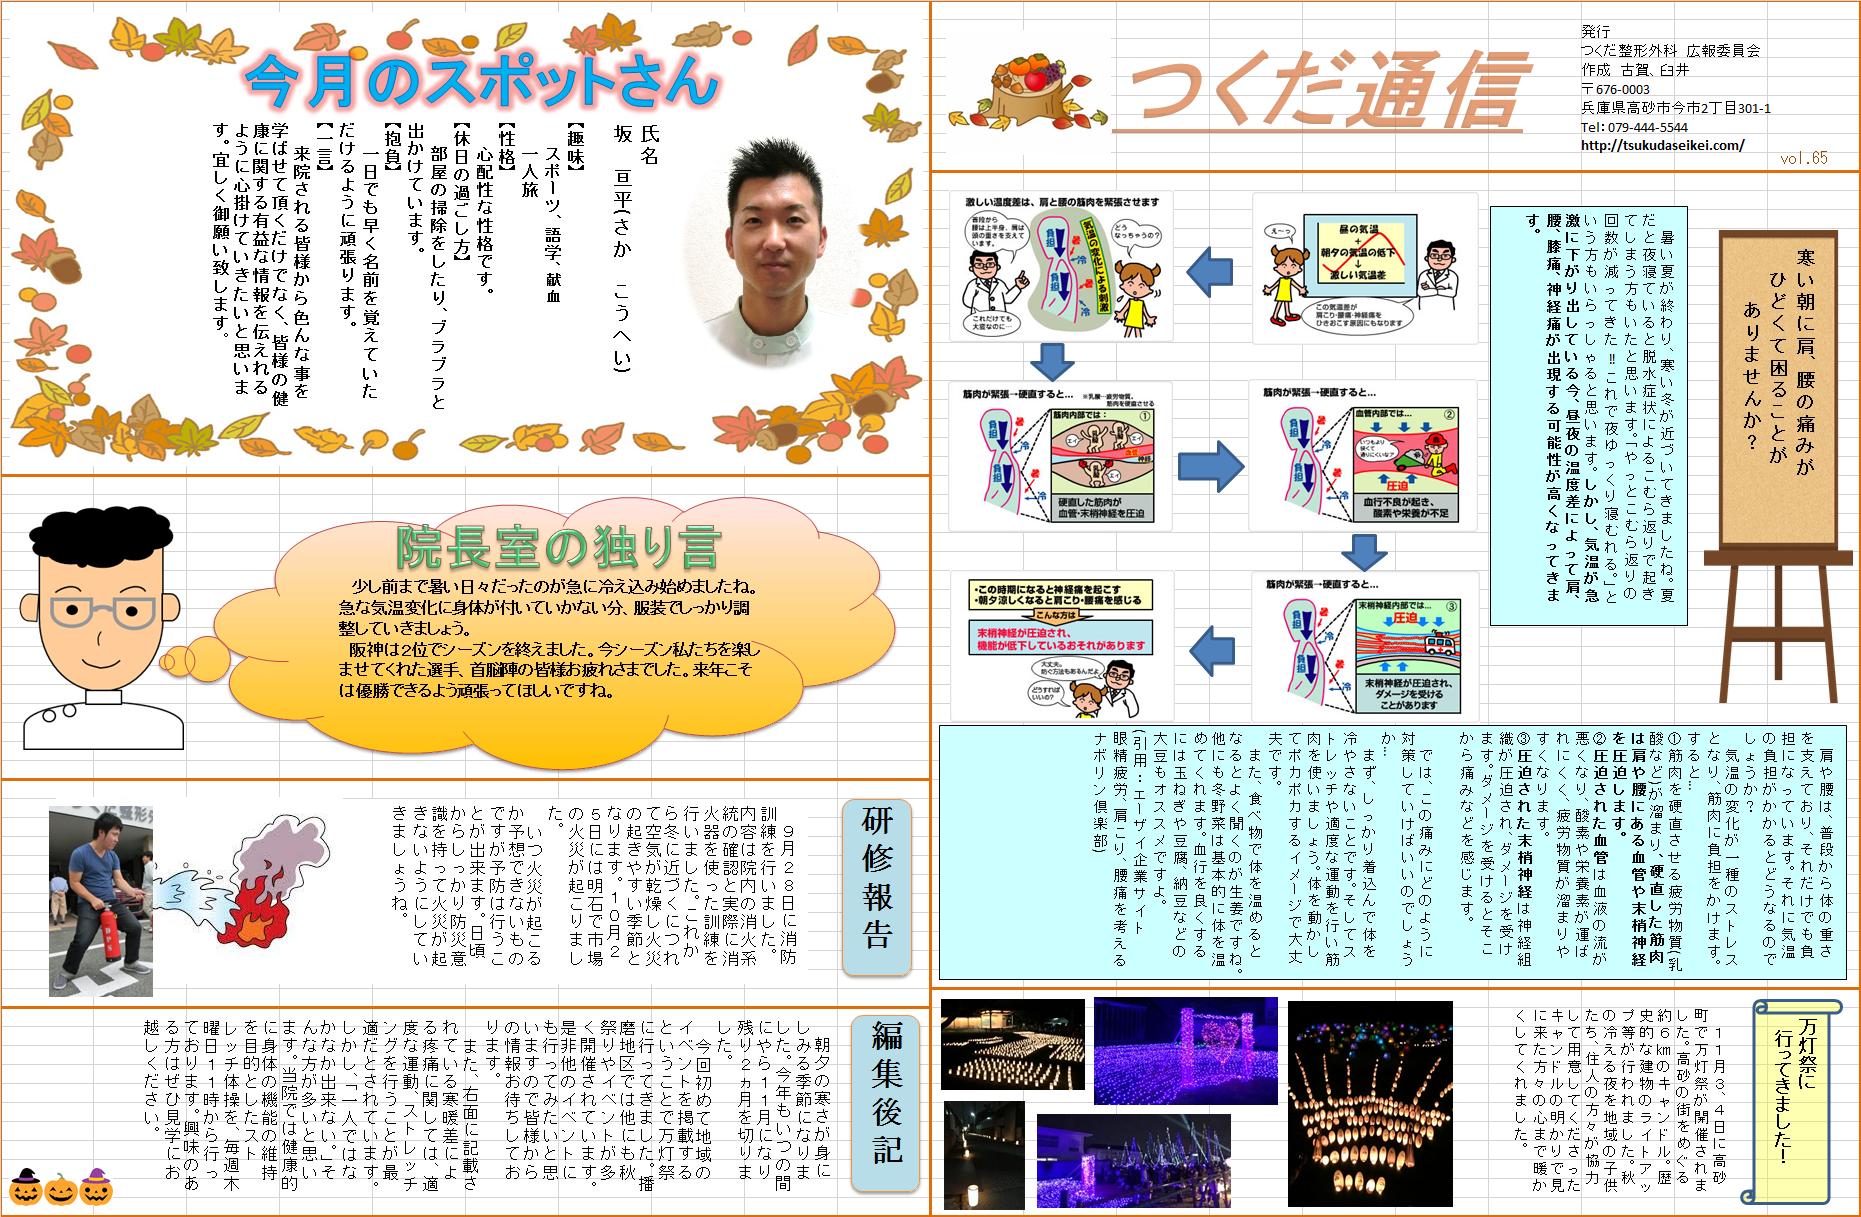 http://www.tsukudaseikei.com/news/%E3%81%A4%E3%81%8F%E3%81%A065.png